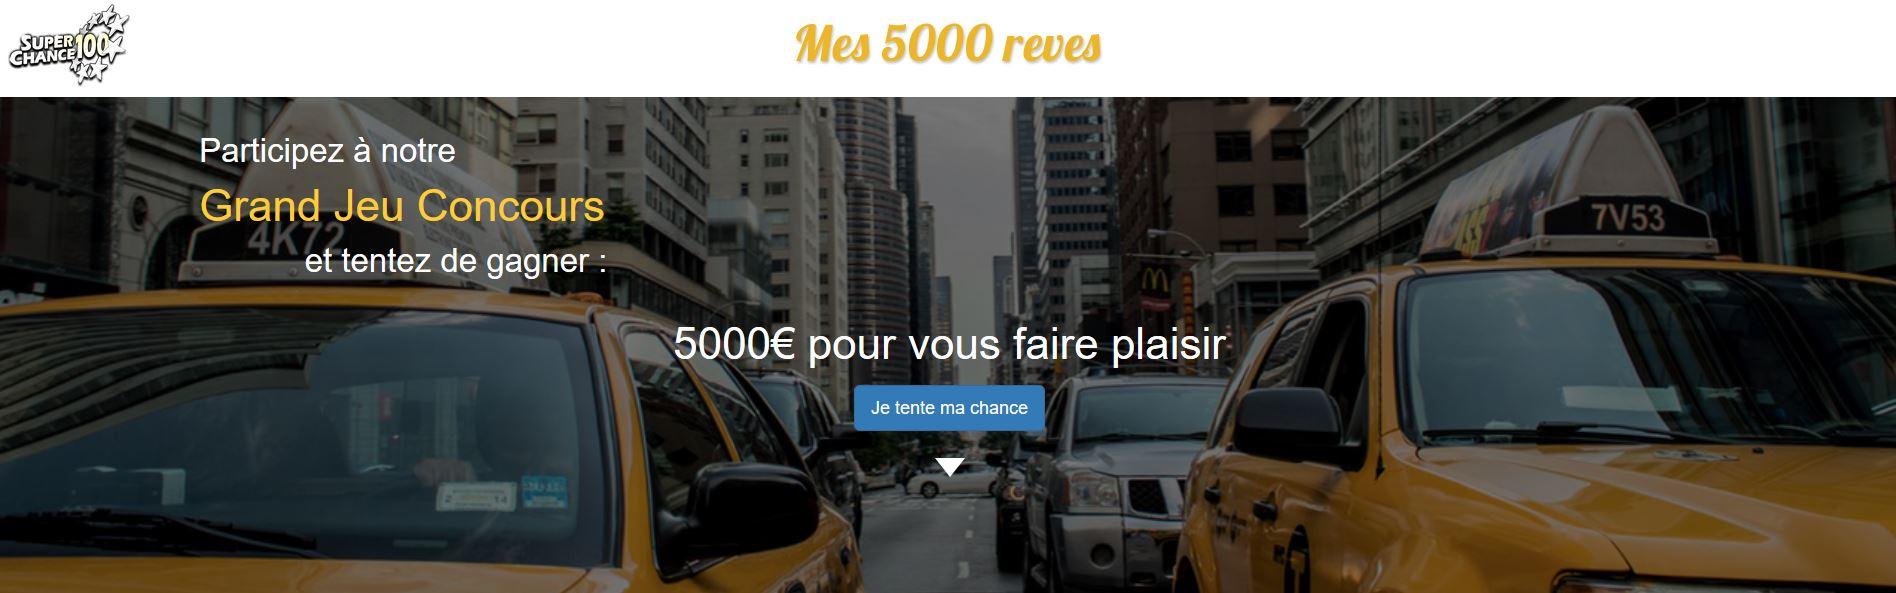 Capture d'écran de la page d'accueil du site mes5000rêves.fr.